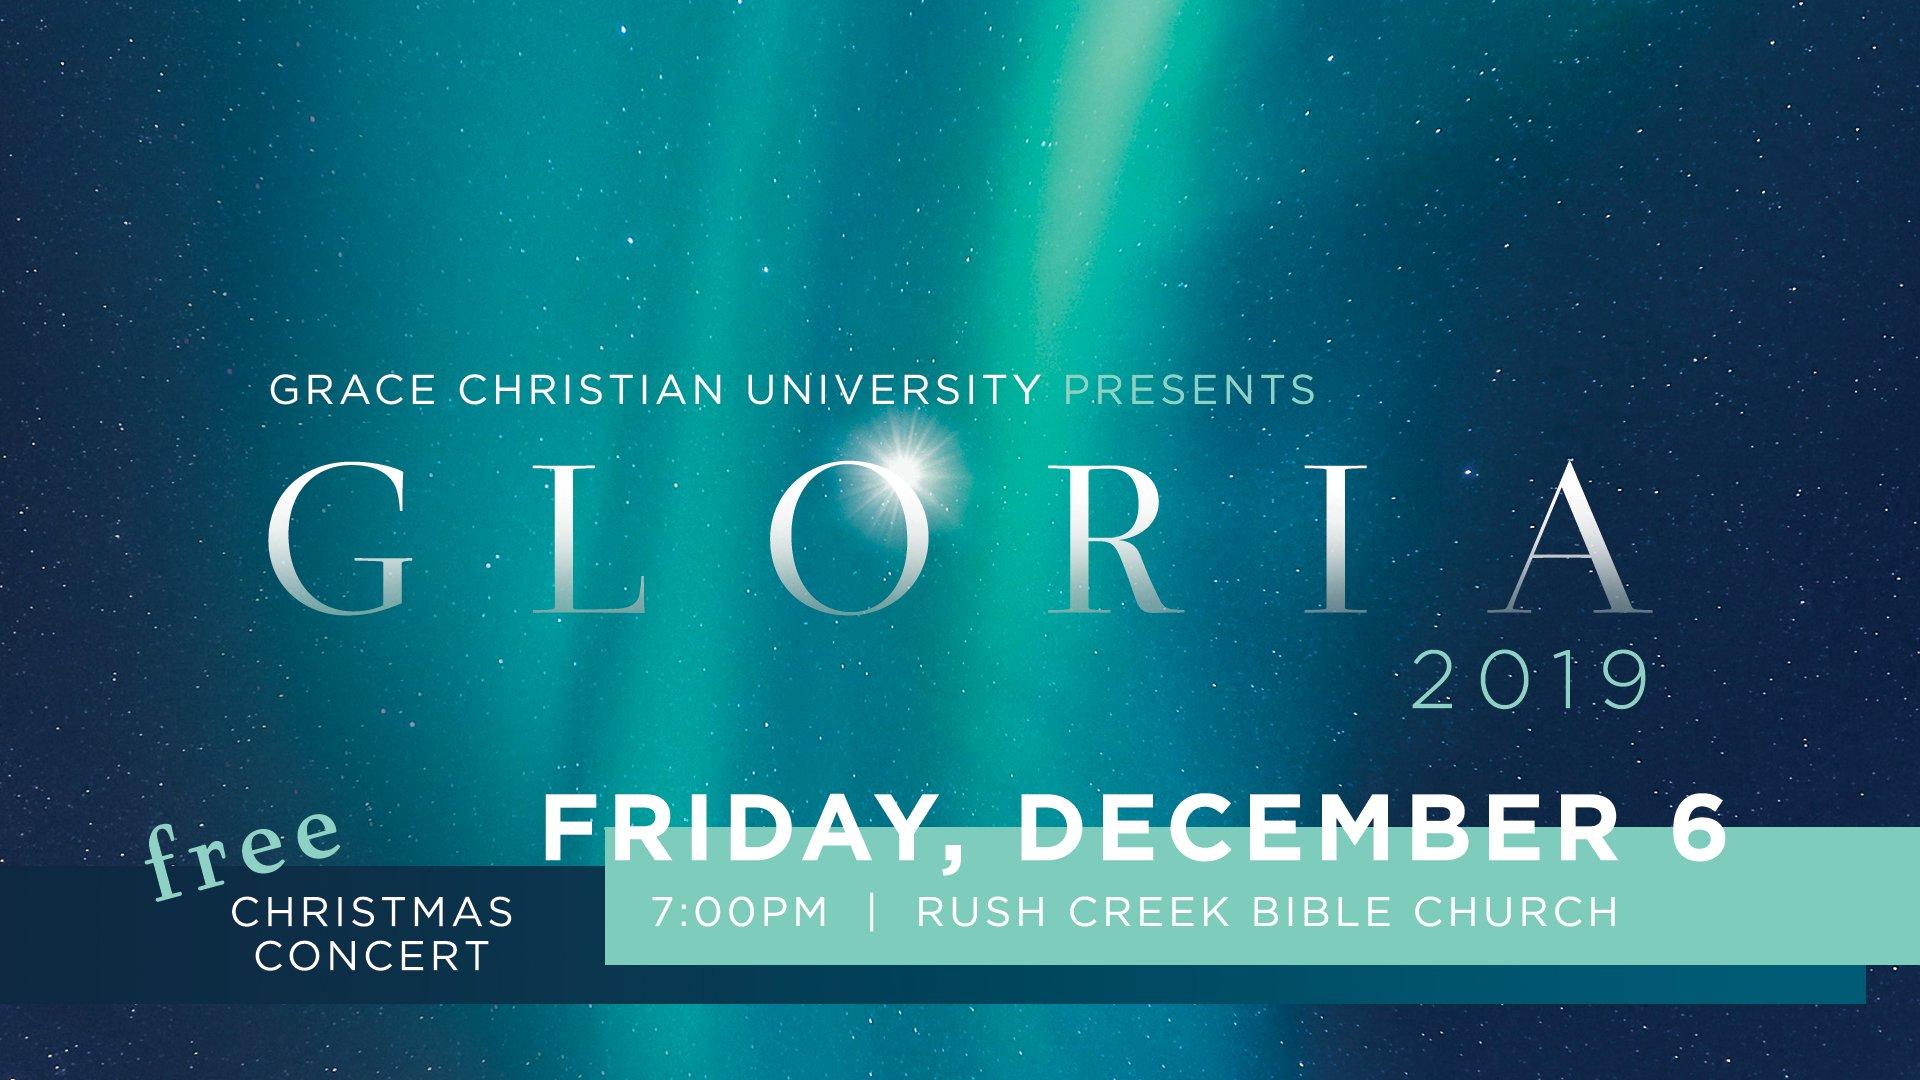 Gloria invite